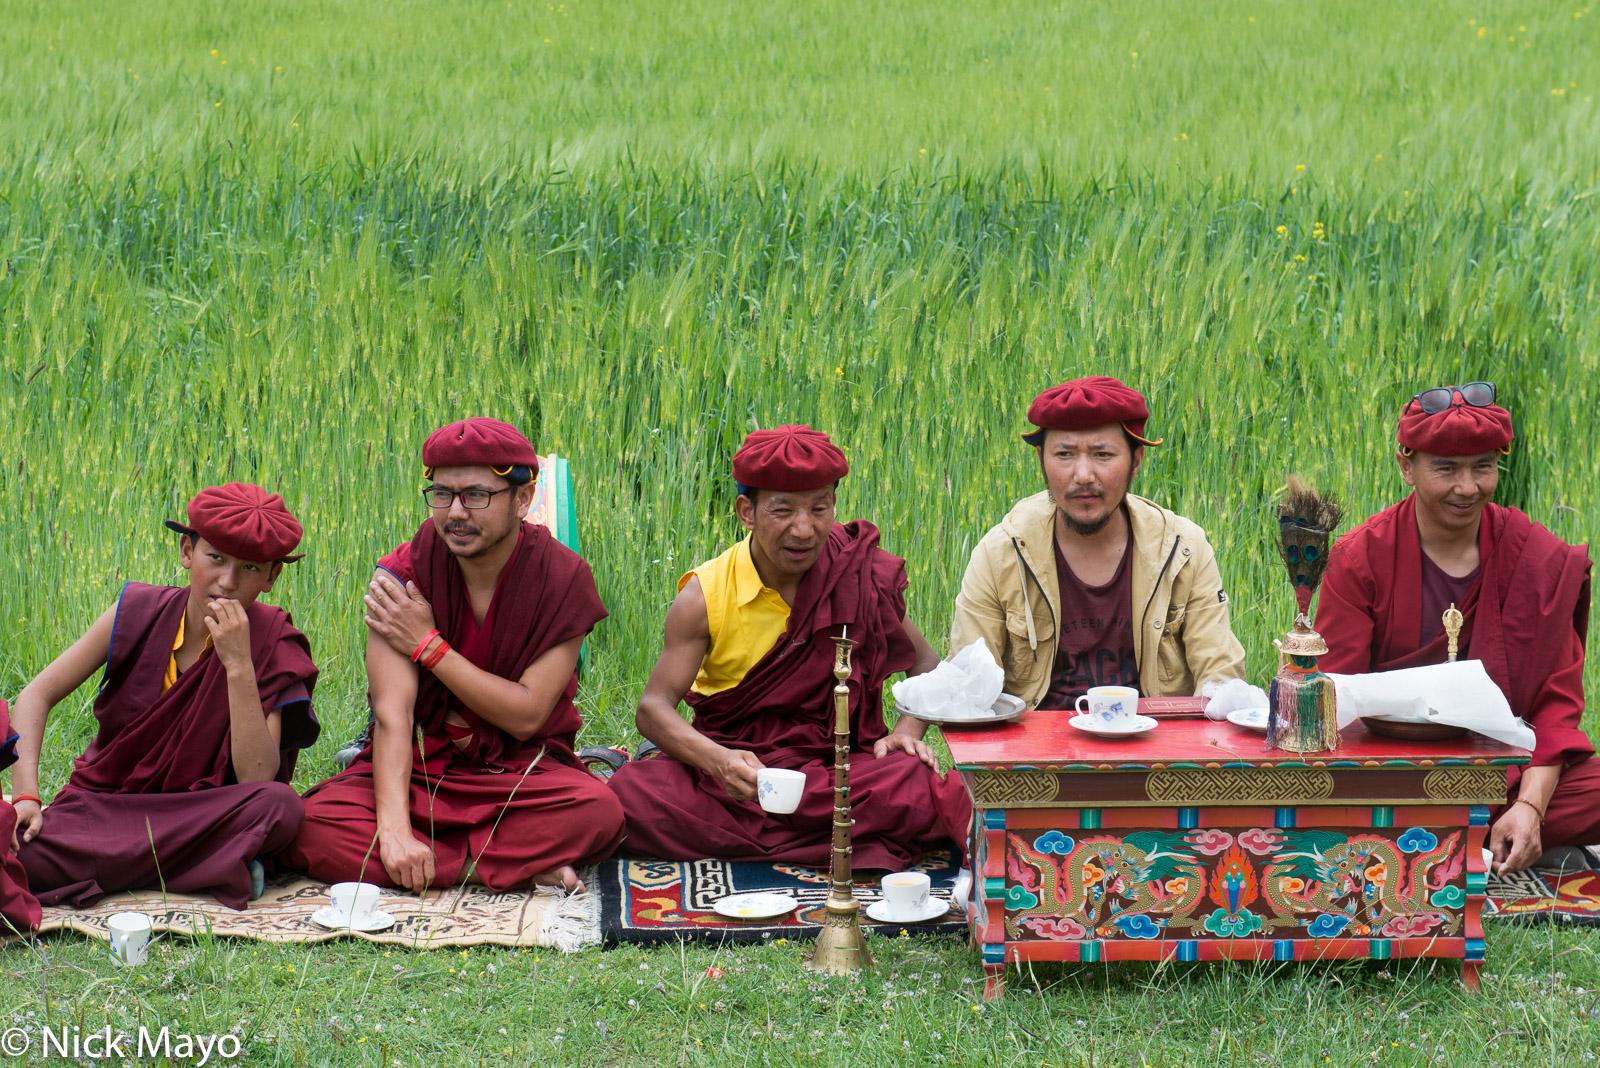 Horn, India, Jammu & Kashmir, Monk, Religious Ritual, photo